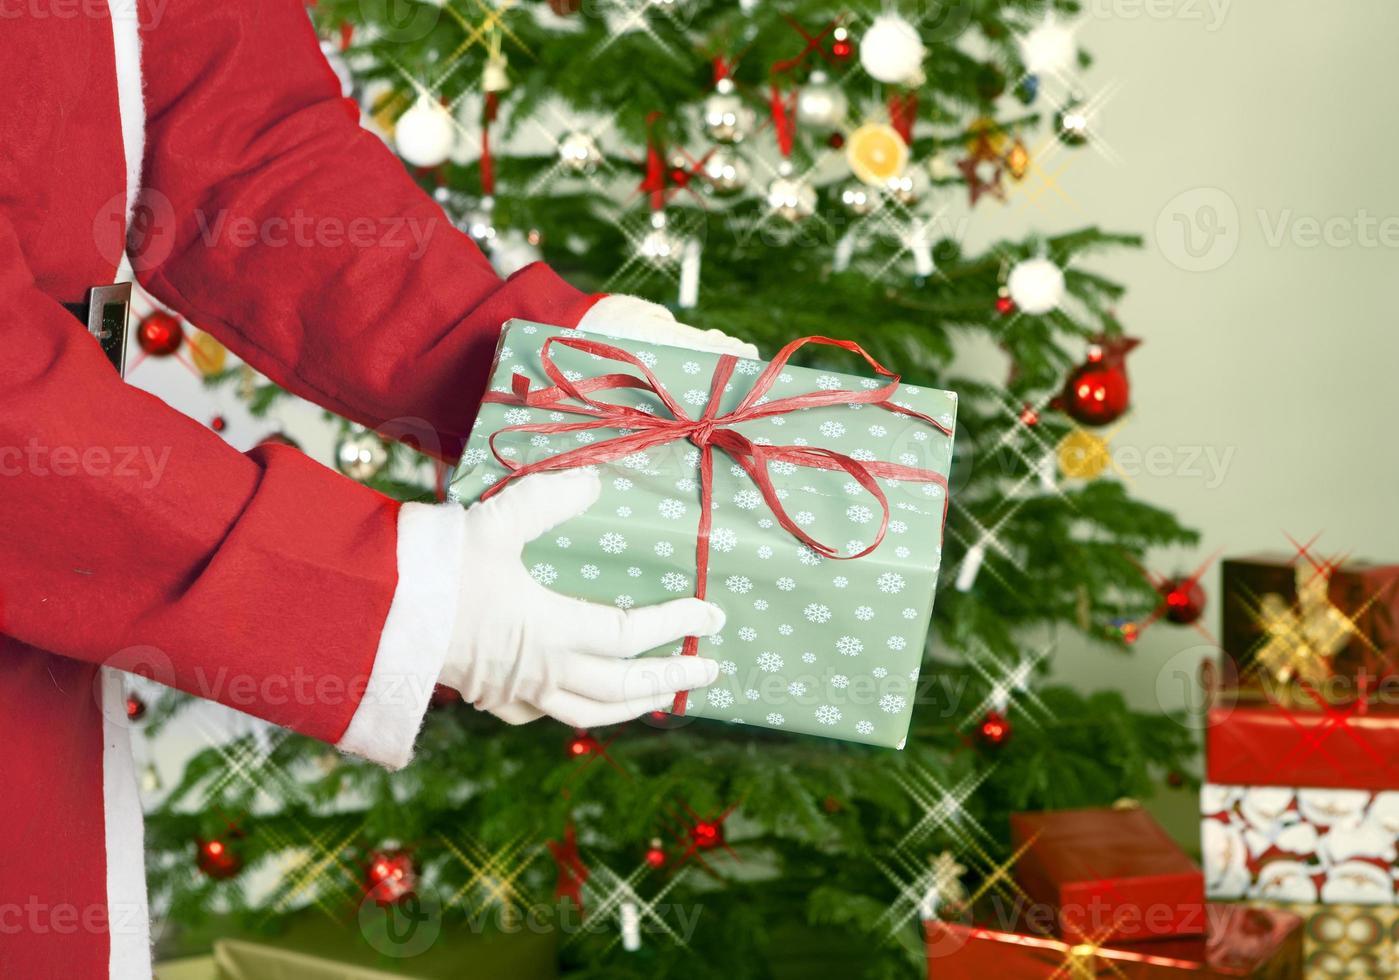 Weihnachtsmann mit Geschenk foto